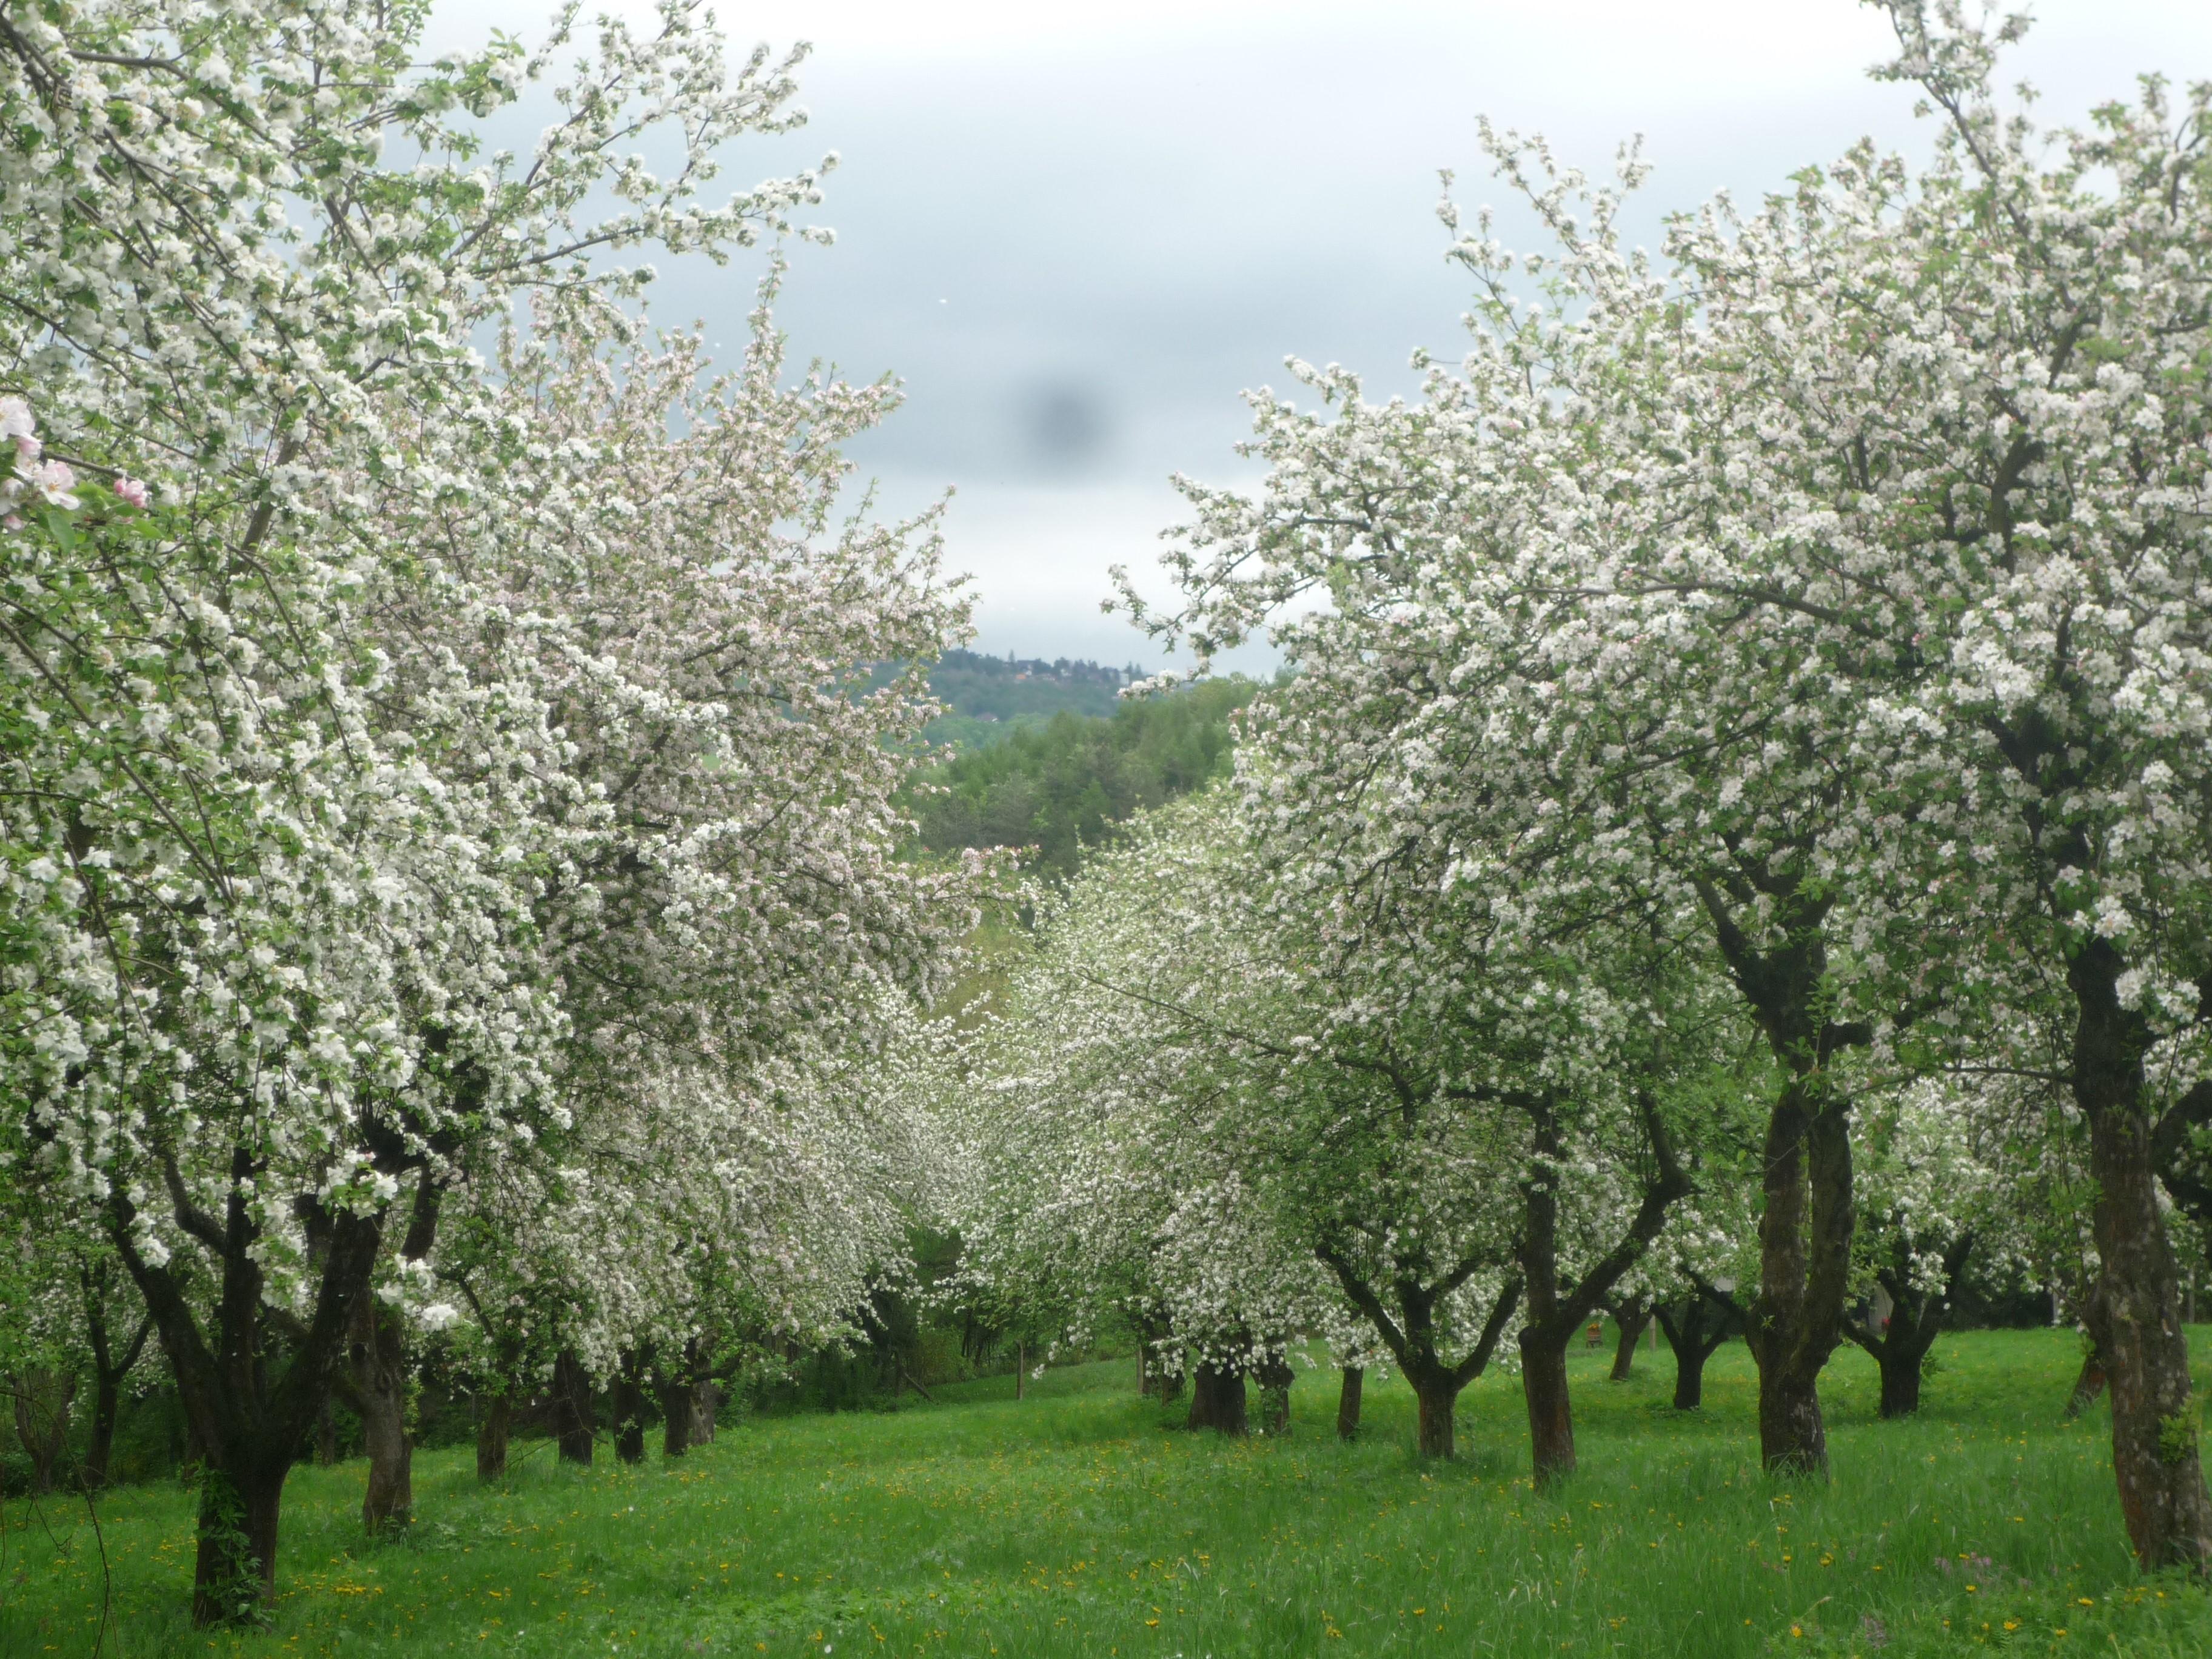 Streuobstanlage in Blüte